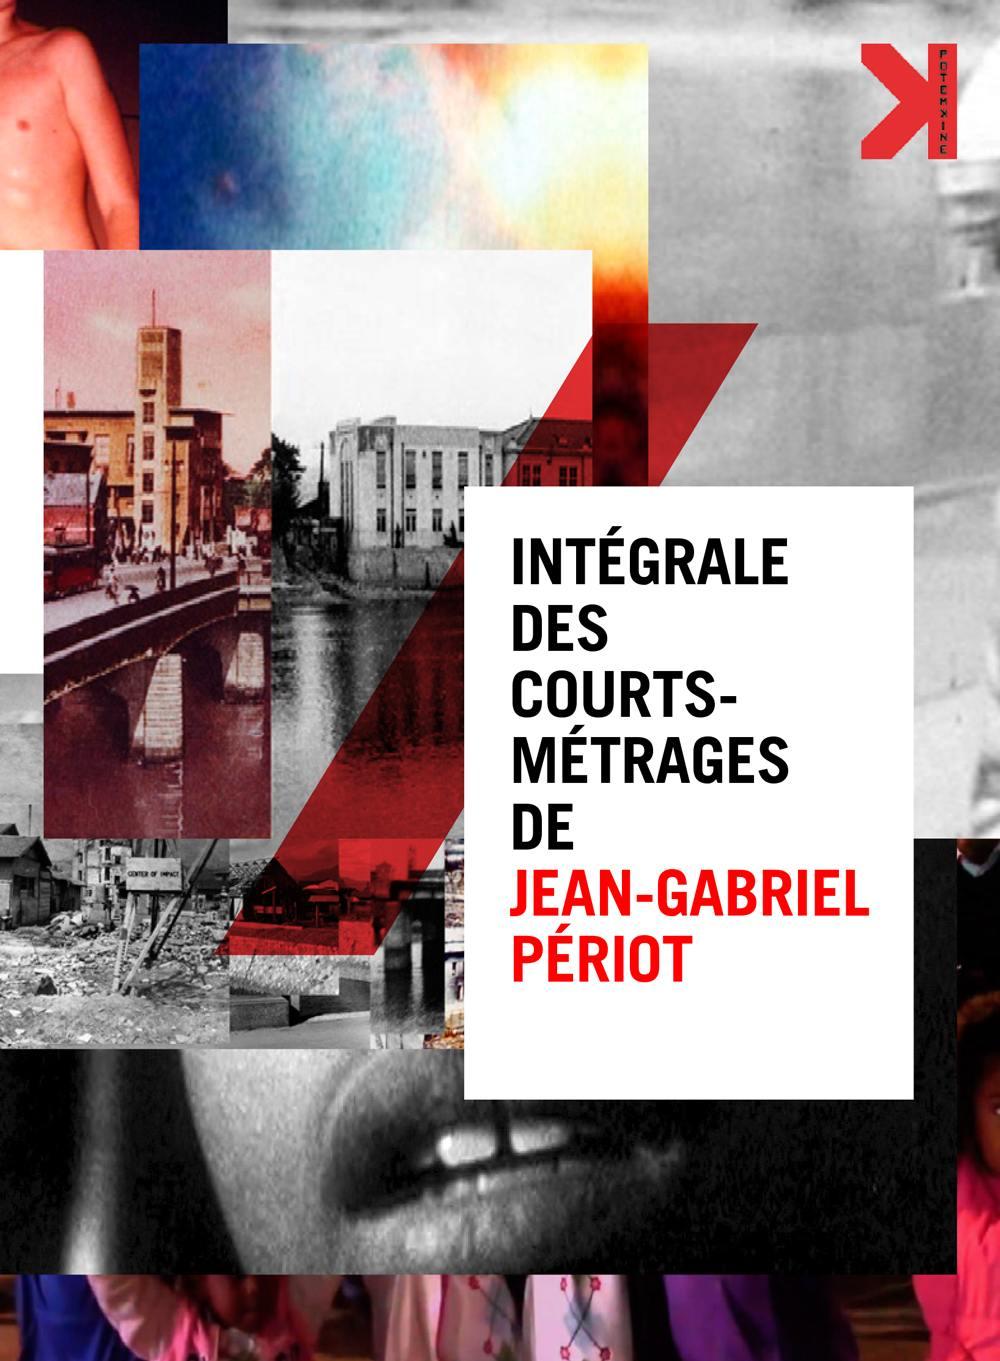 Courts metrages de jean-gabriel periot - 2 dvd